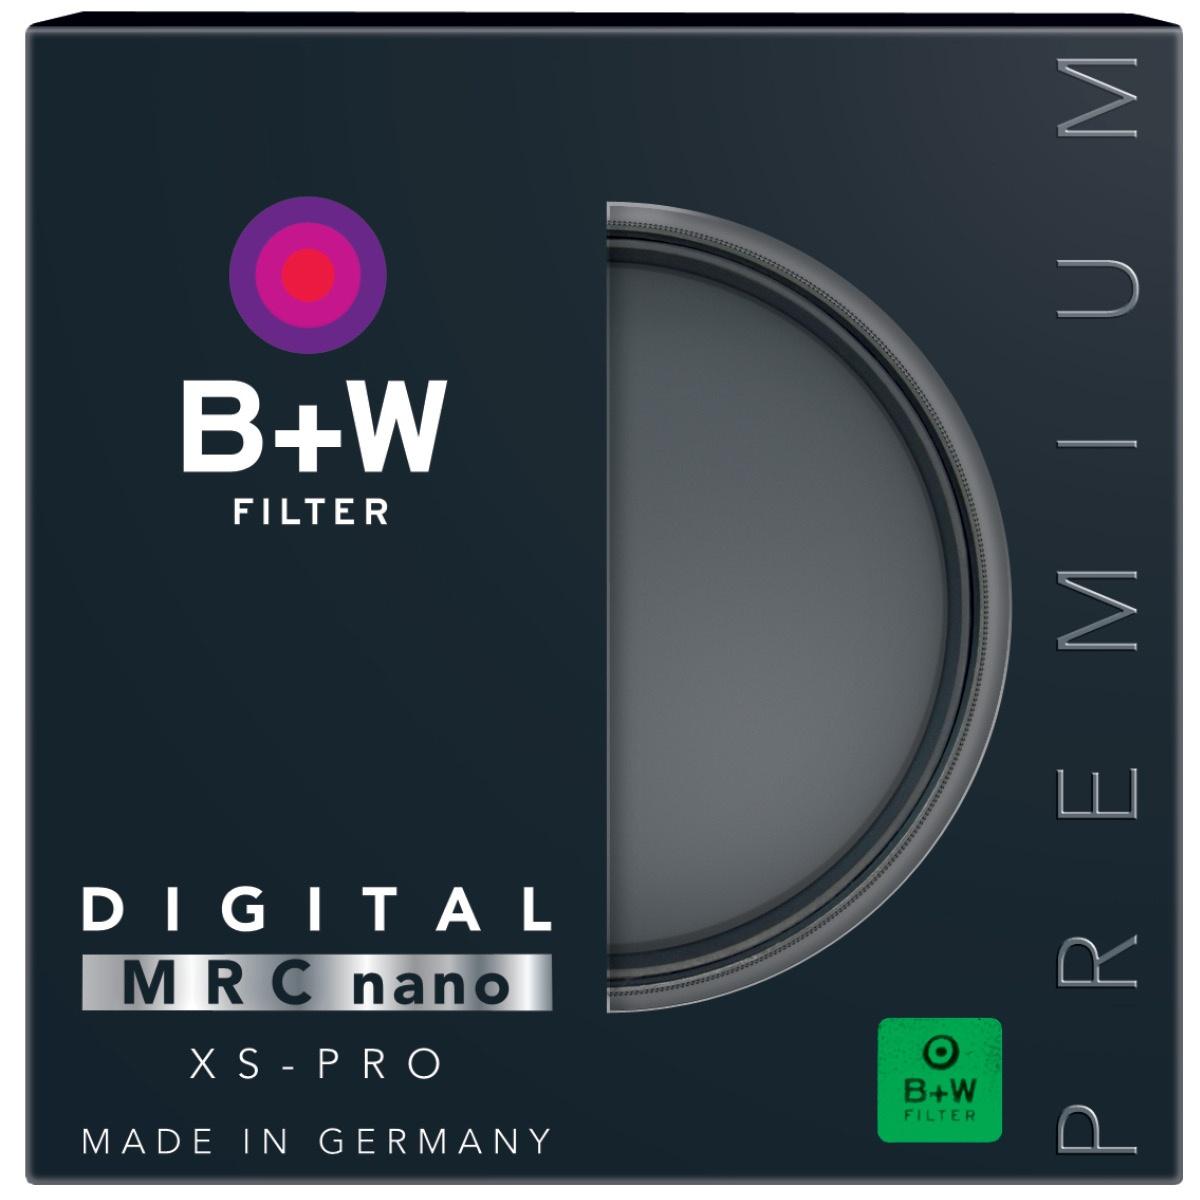 B+W Clear Filter 58 mm XS-Pro